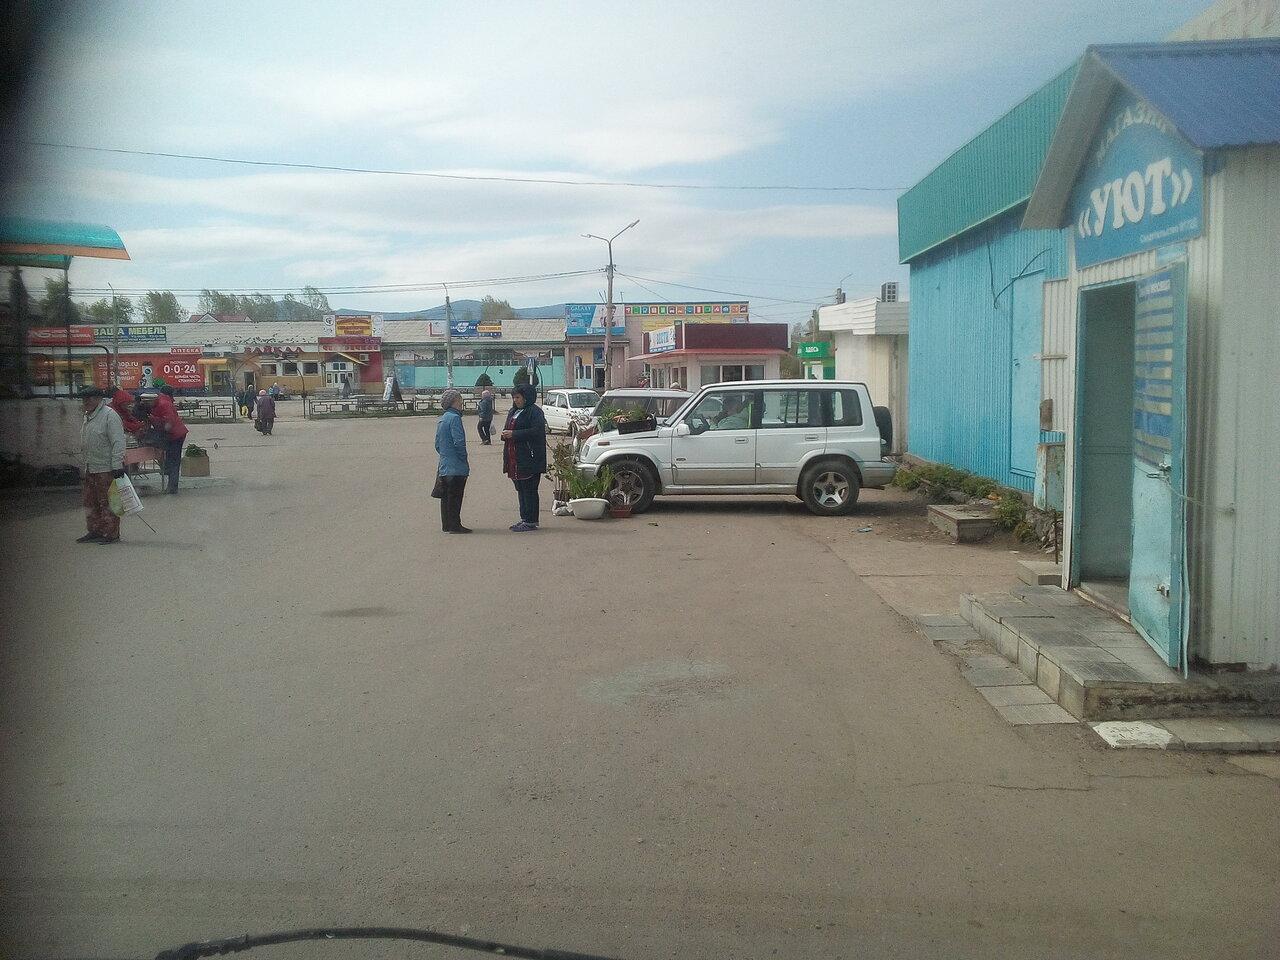 якобы, поселок селенгинск кабанского района в картинках выбрать